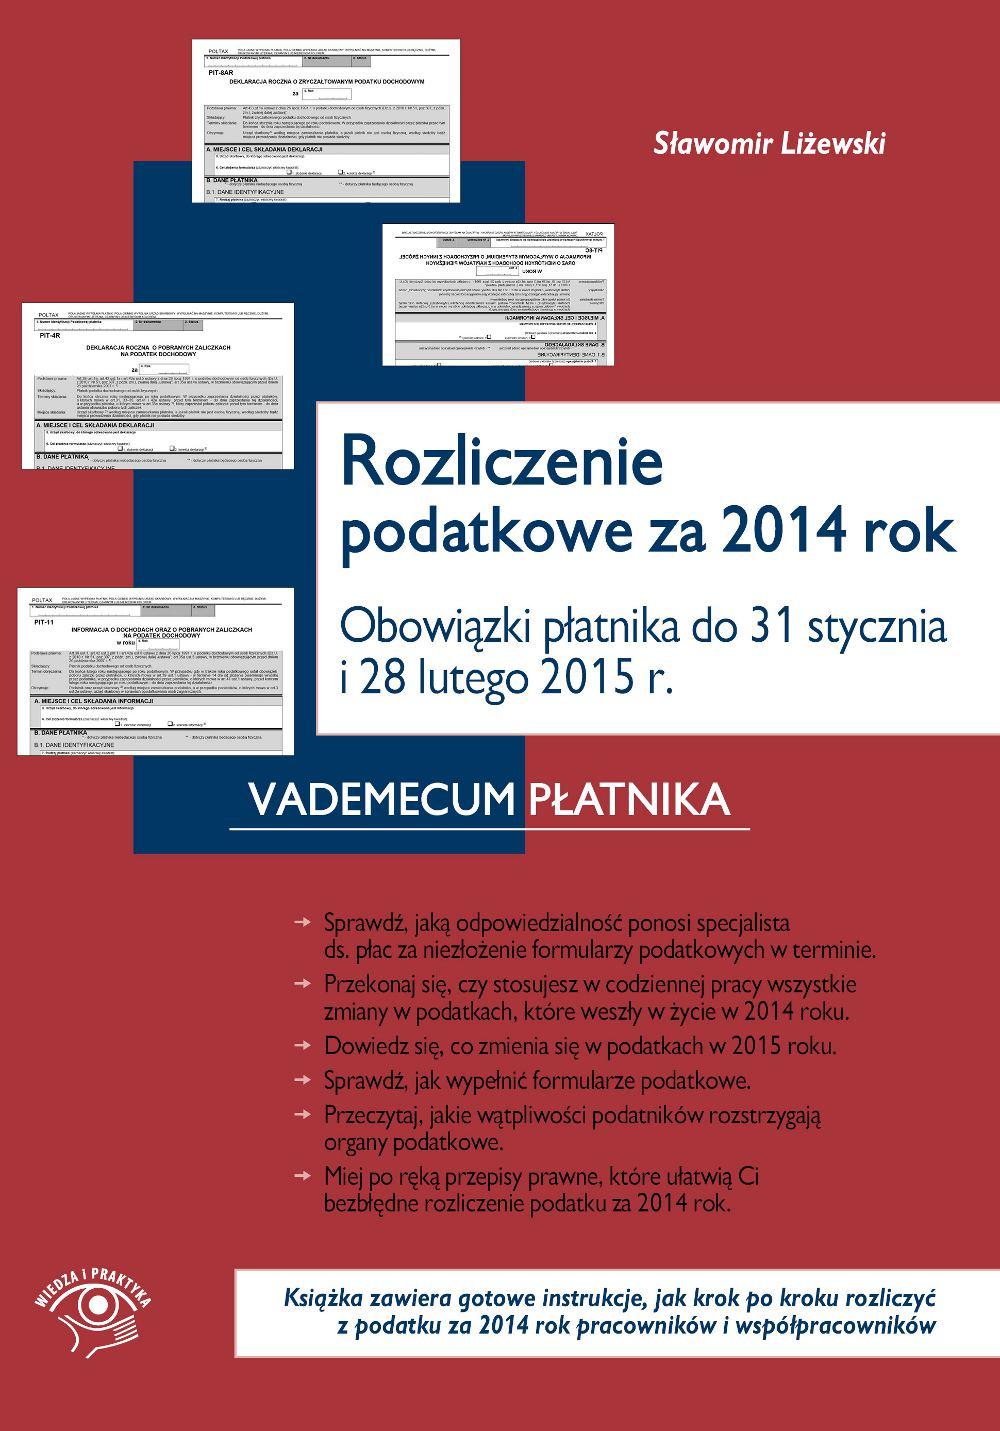 Rozliczenie podatkowe za 2014 rok Obowiązki płatnika do końca stycznia i końca lutego 2015 r. - Ebook (Książka na Kindle) do pobrania w formacie MOBI